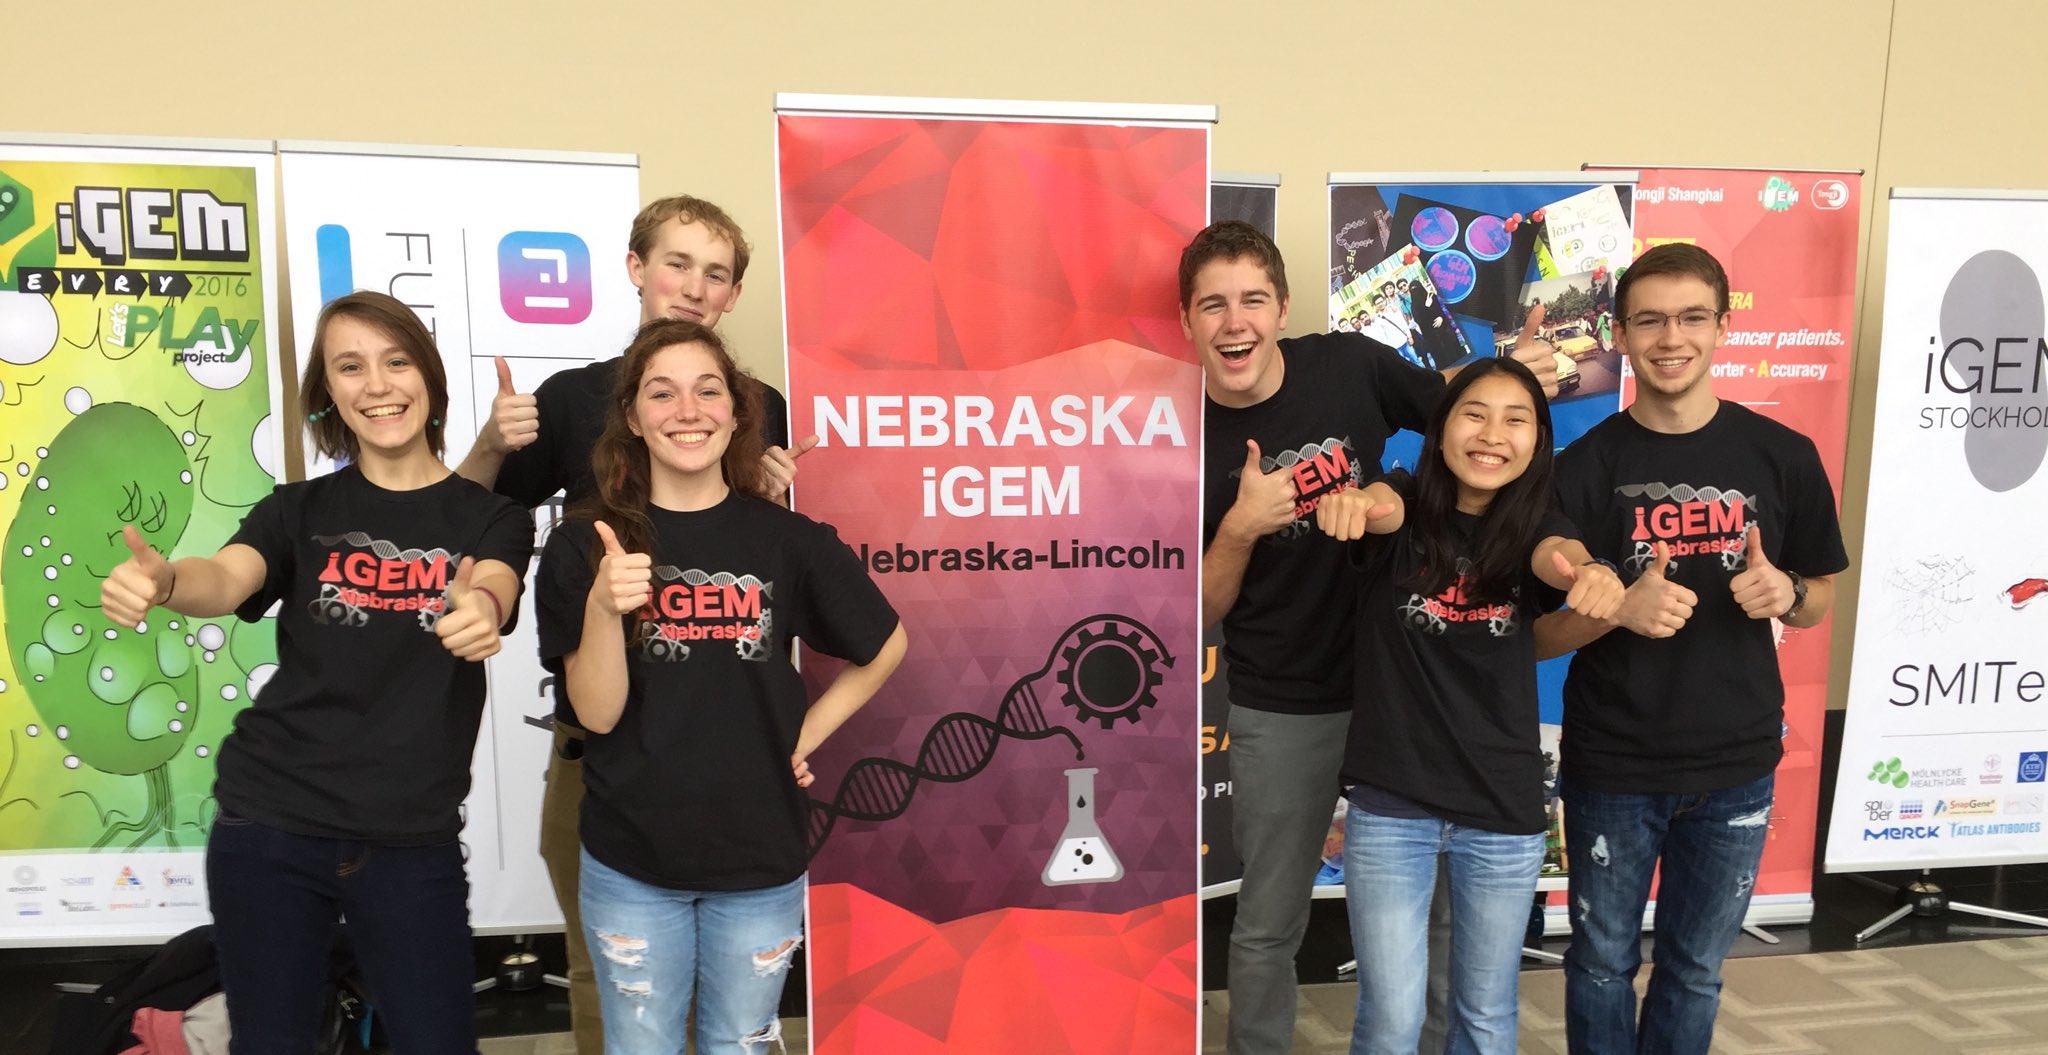 The University of Nebraska–Lincoln iGEM team